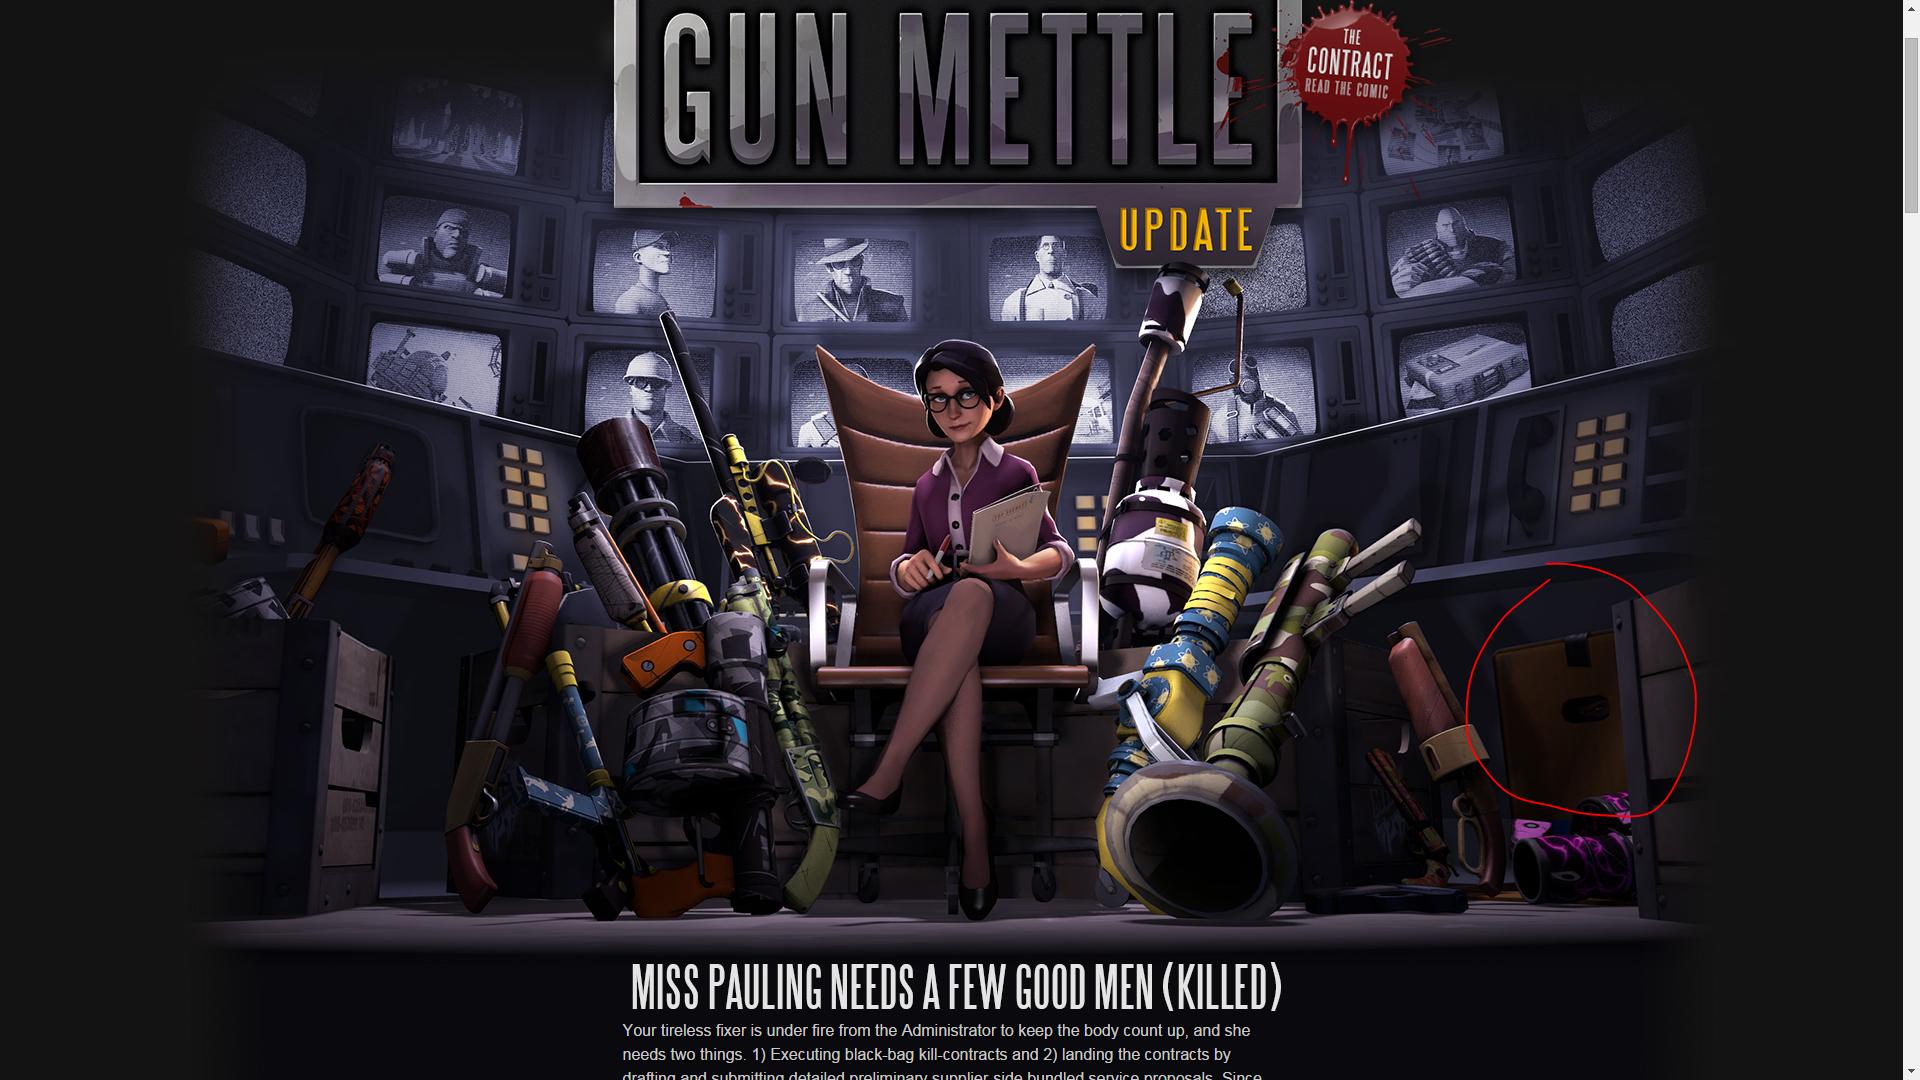 Team Fortress 2's Newest Update: 'Gun Mettle'